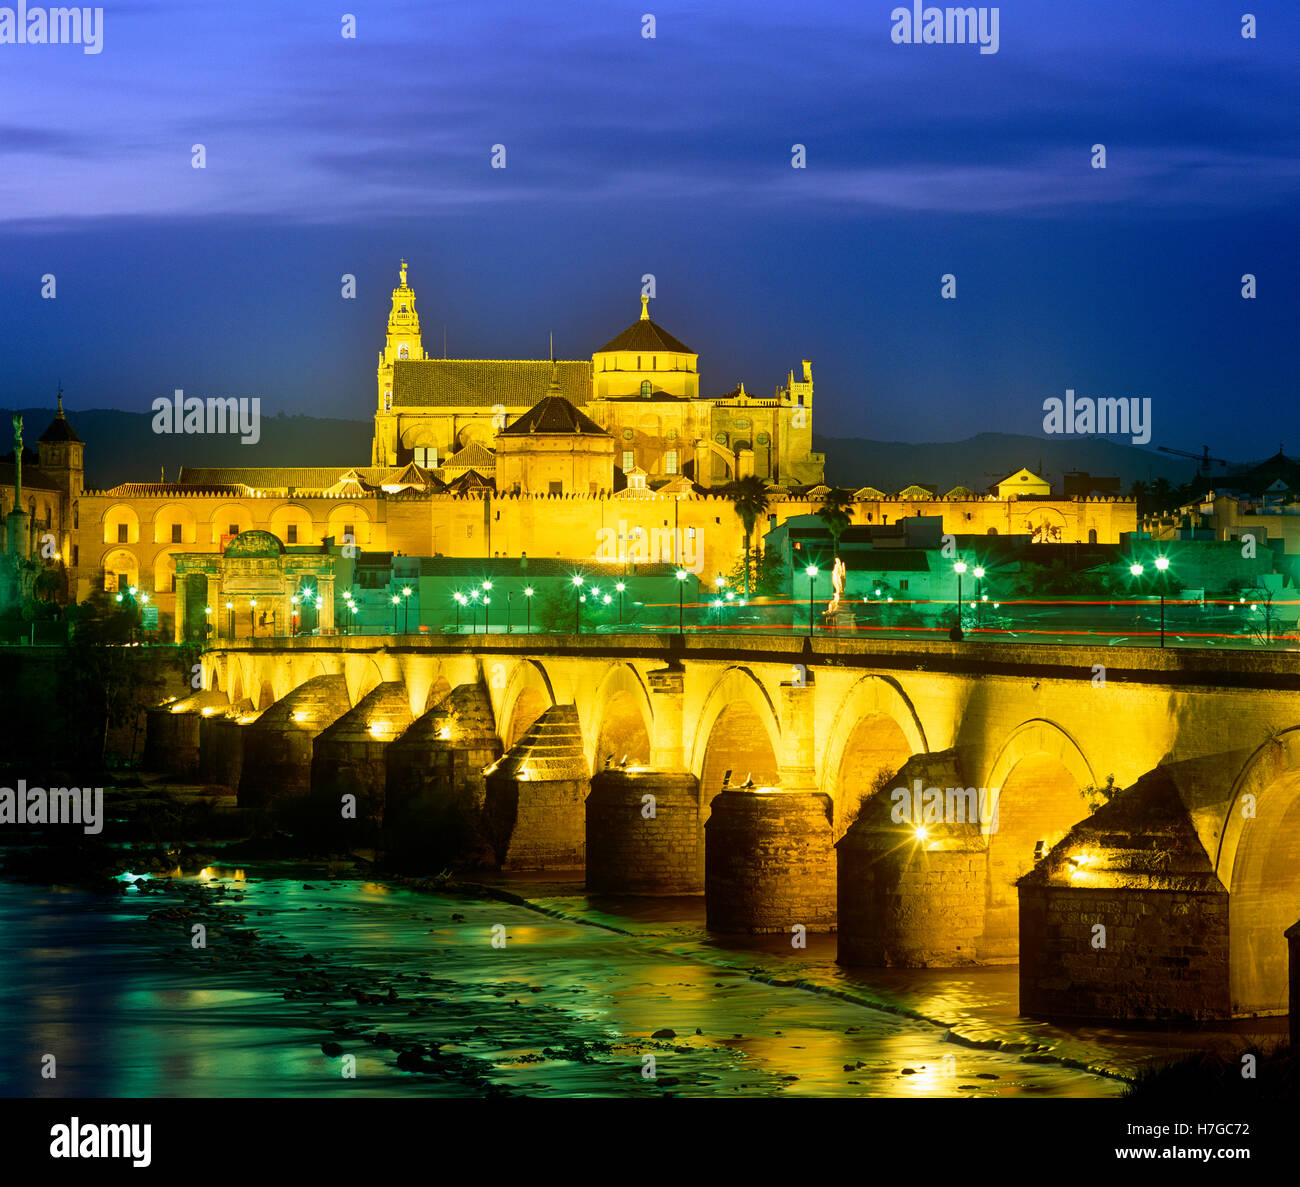 Die Kathedrale und die römische Brücke in der Nacht, Cordoba, Anadalucia, Spanien Stockbild